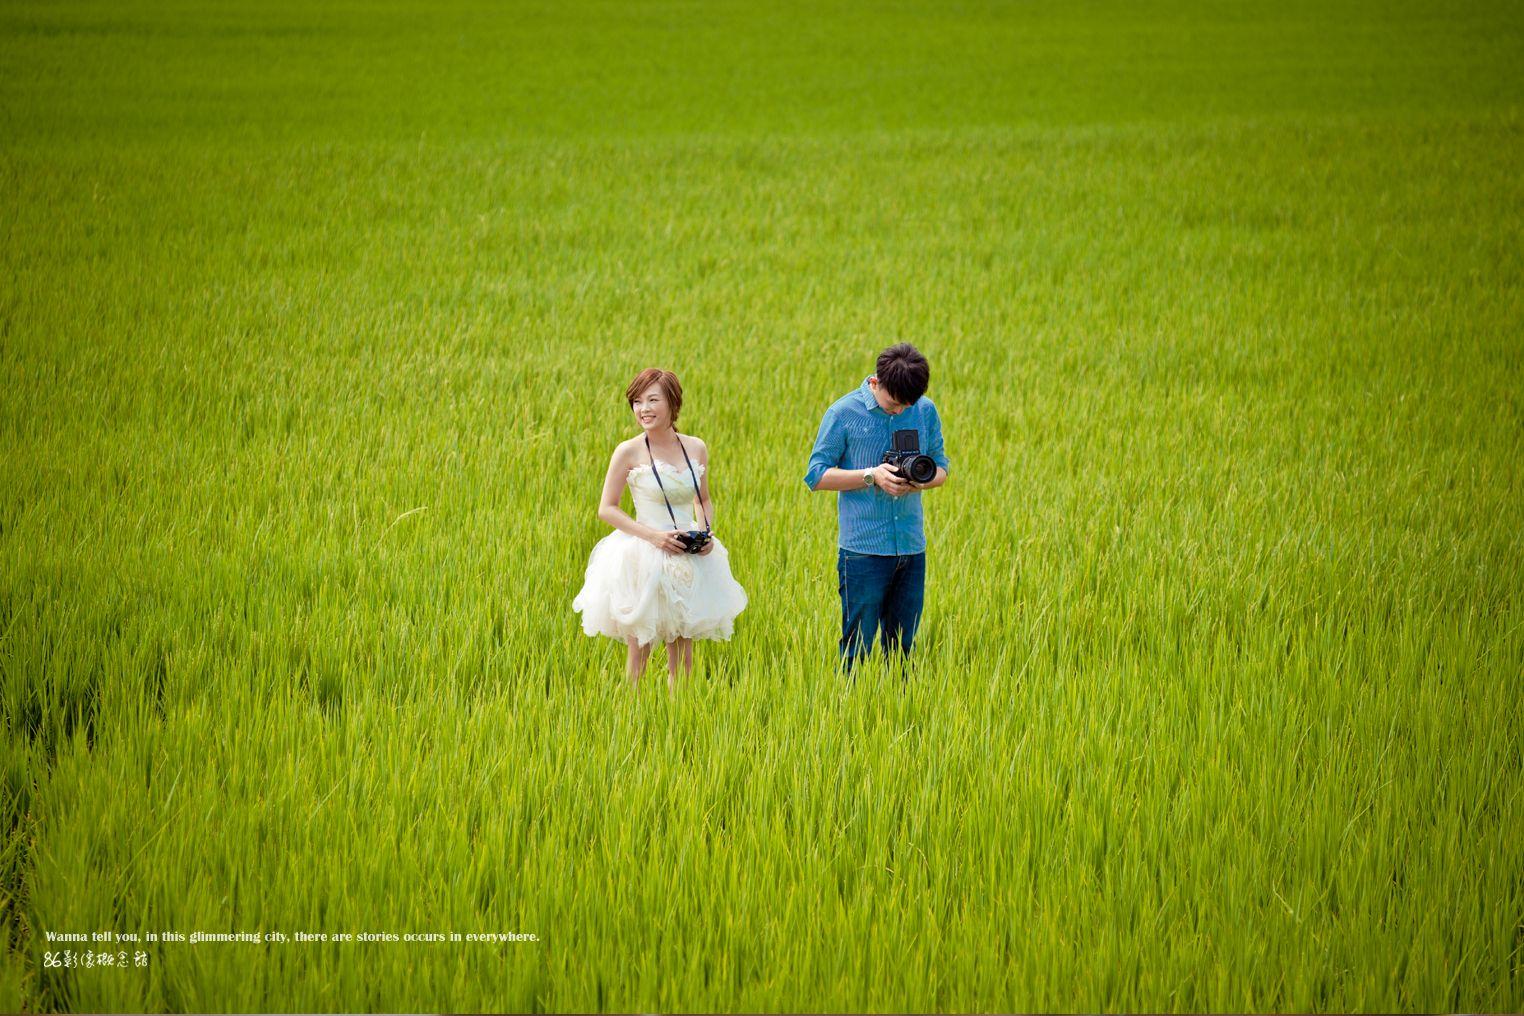 【台灣 - 台中86影像概念館】是一間攝影工作室台灣婚紗/台中婚紗/ 86影像概念館/禮服